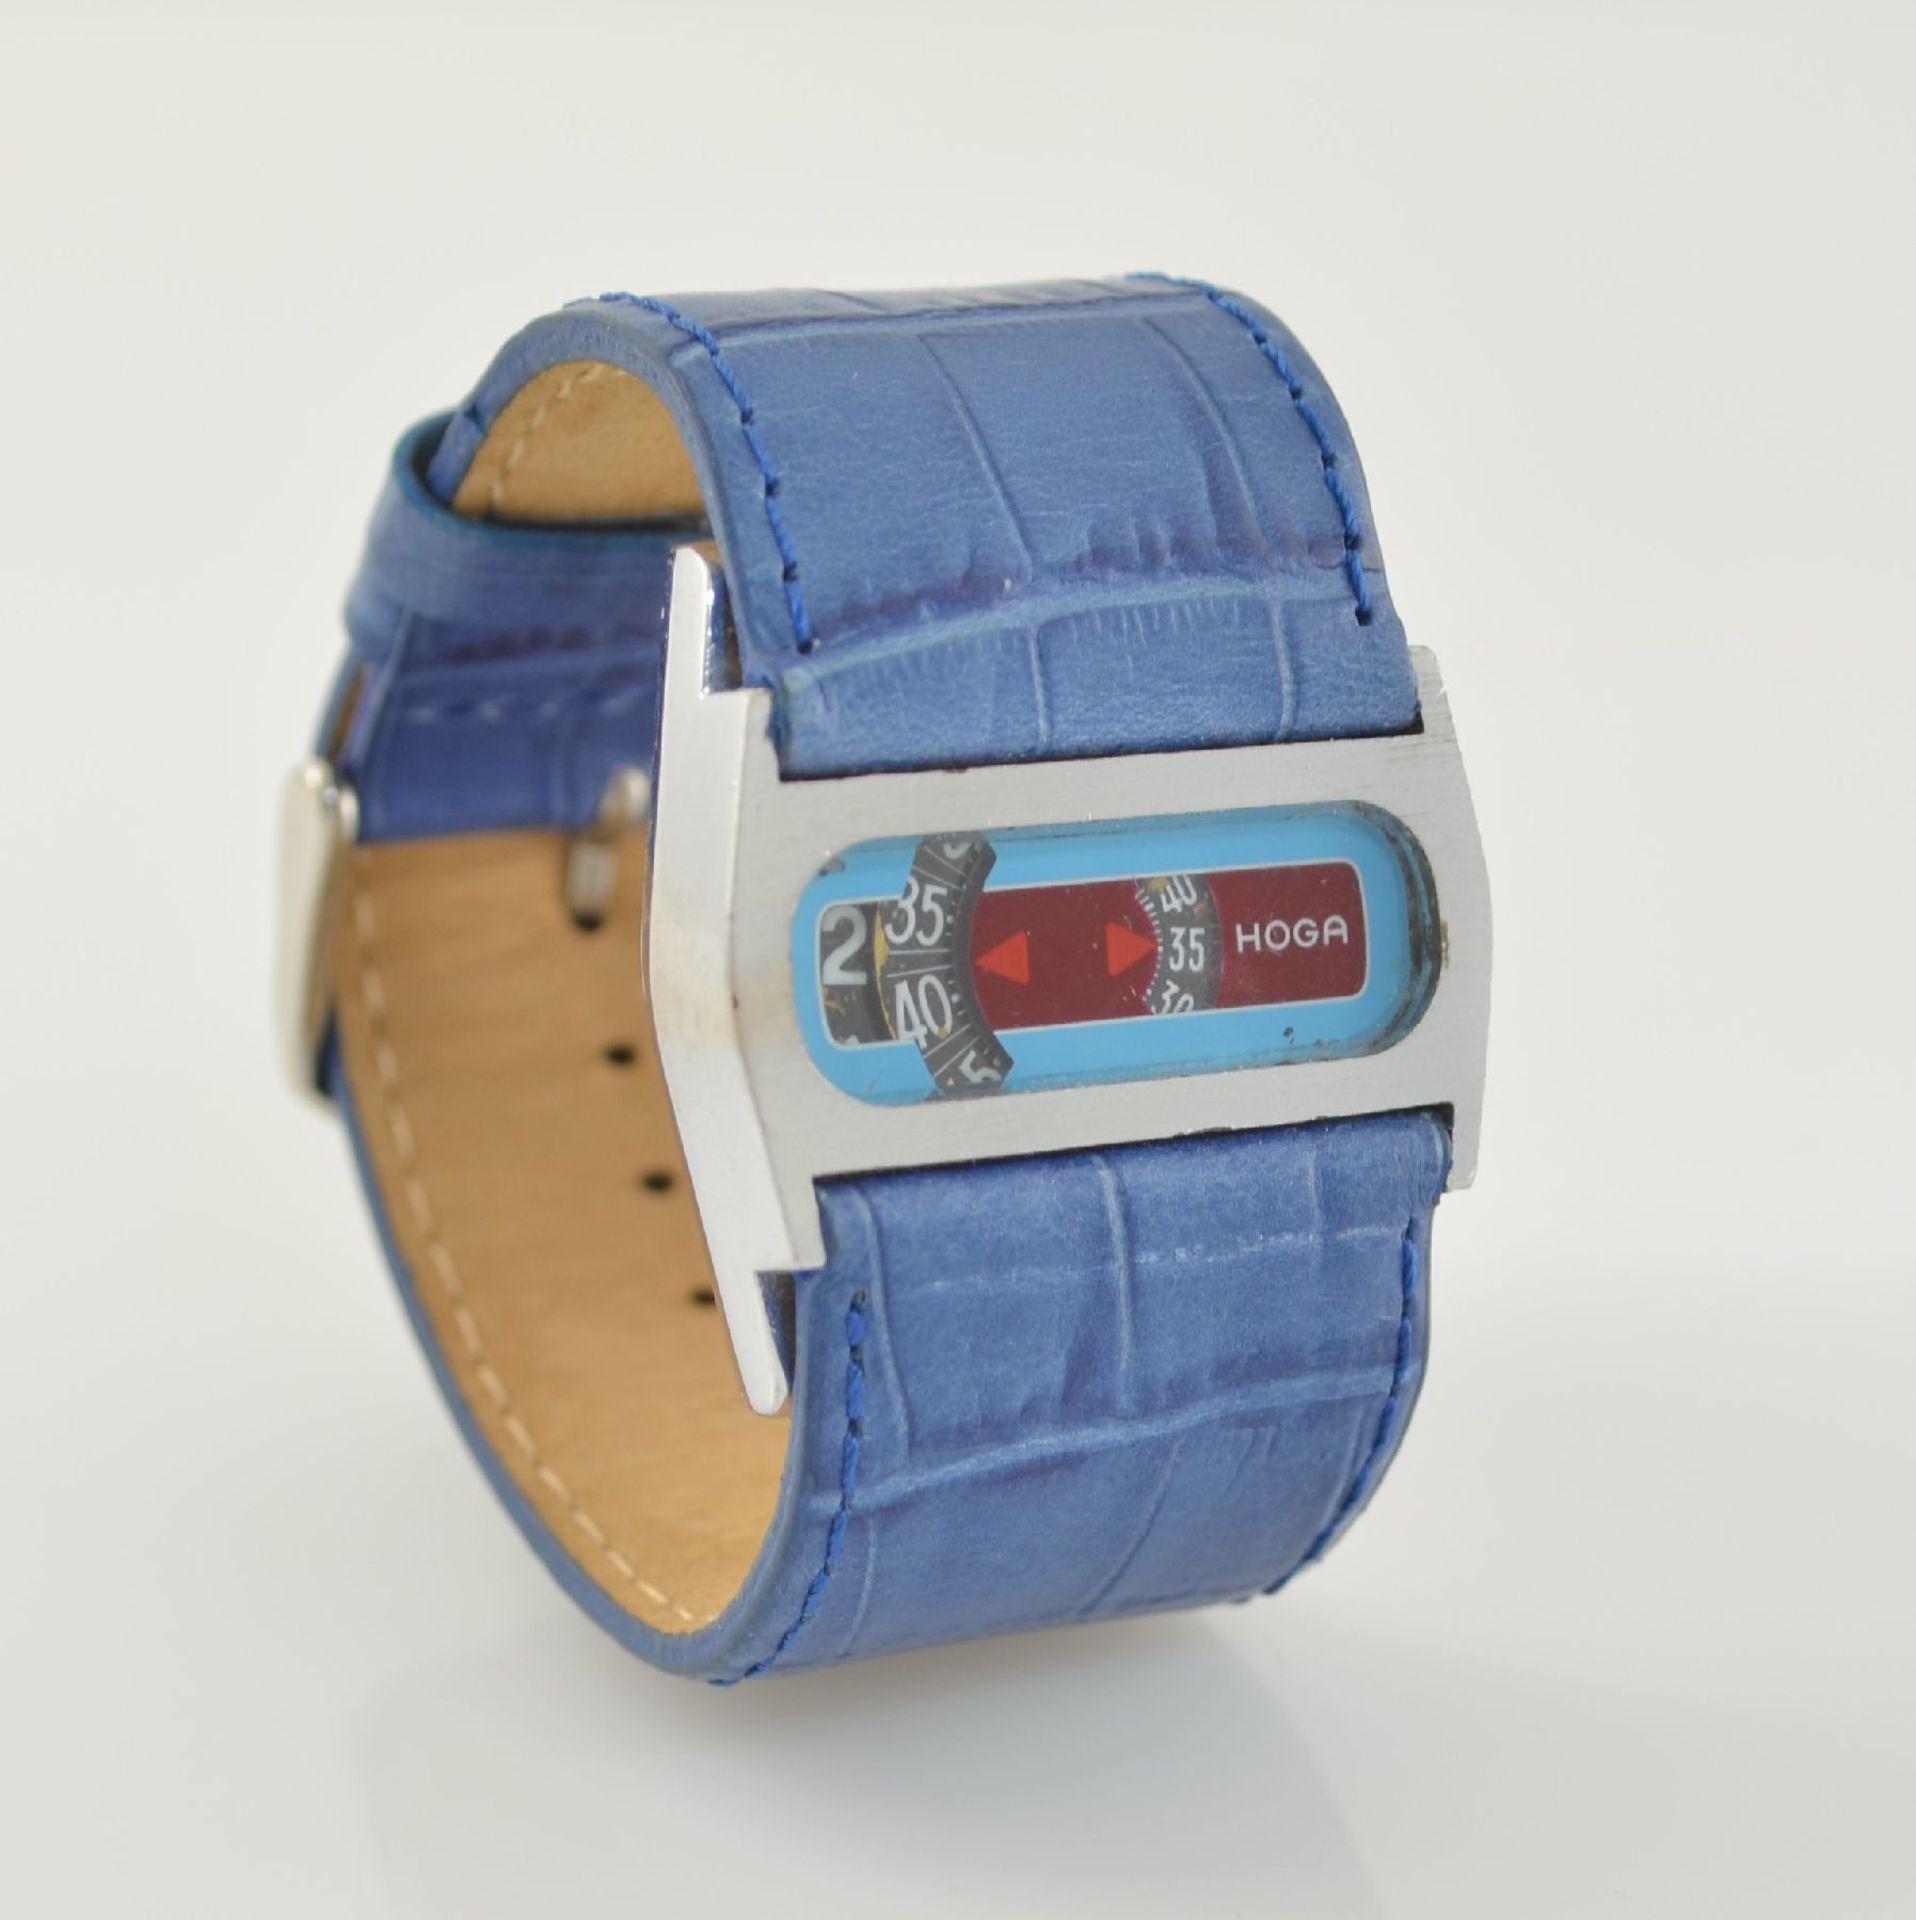 HOGA/Direct Time Armbanduhr mit digitaler Zeitanzeige Kal. AS 1902, Schweiz um 1970, Automatik, - Bild 4 aus 6